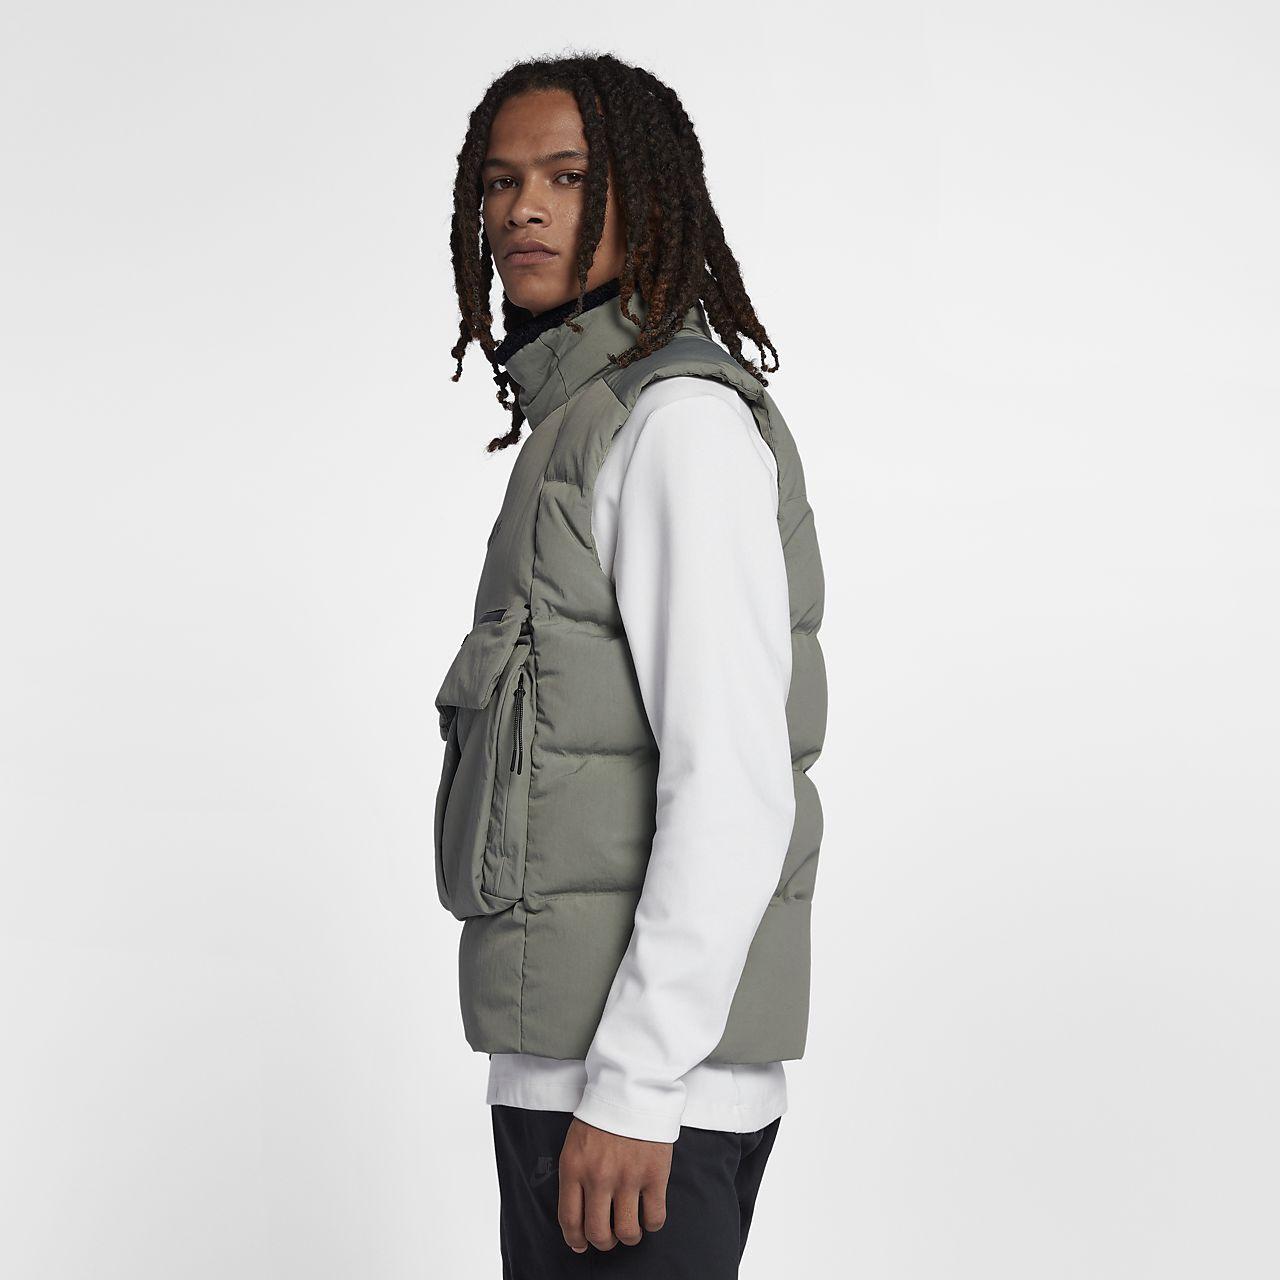 de69531e185 Veste sans manches Nike Sportswear Tech Pack Down Fill pour Homme ...